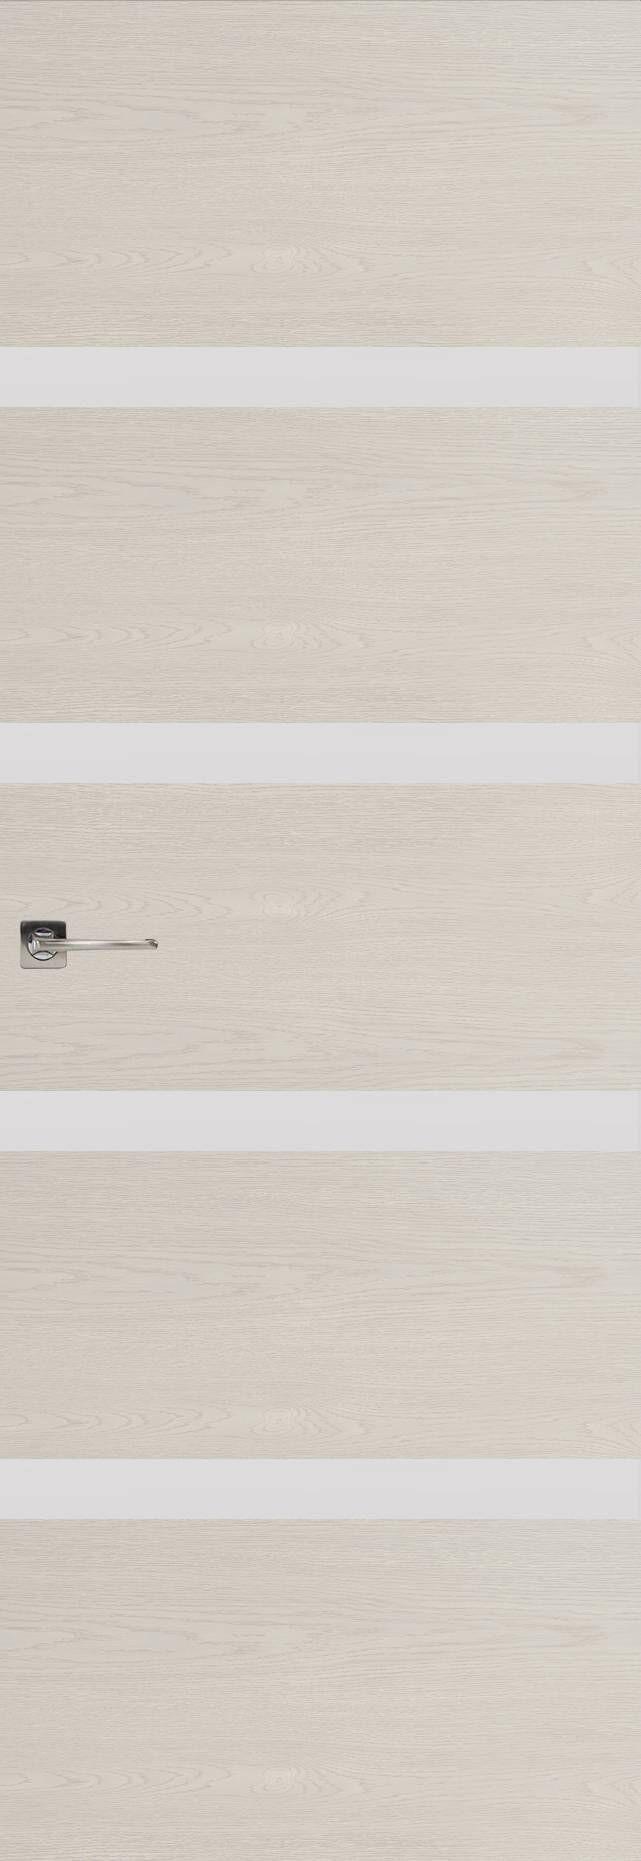 Tivoli Д-4 Невидимка цвет - Шампань Без стекла (ДГ)